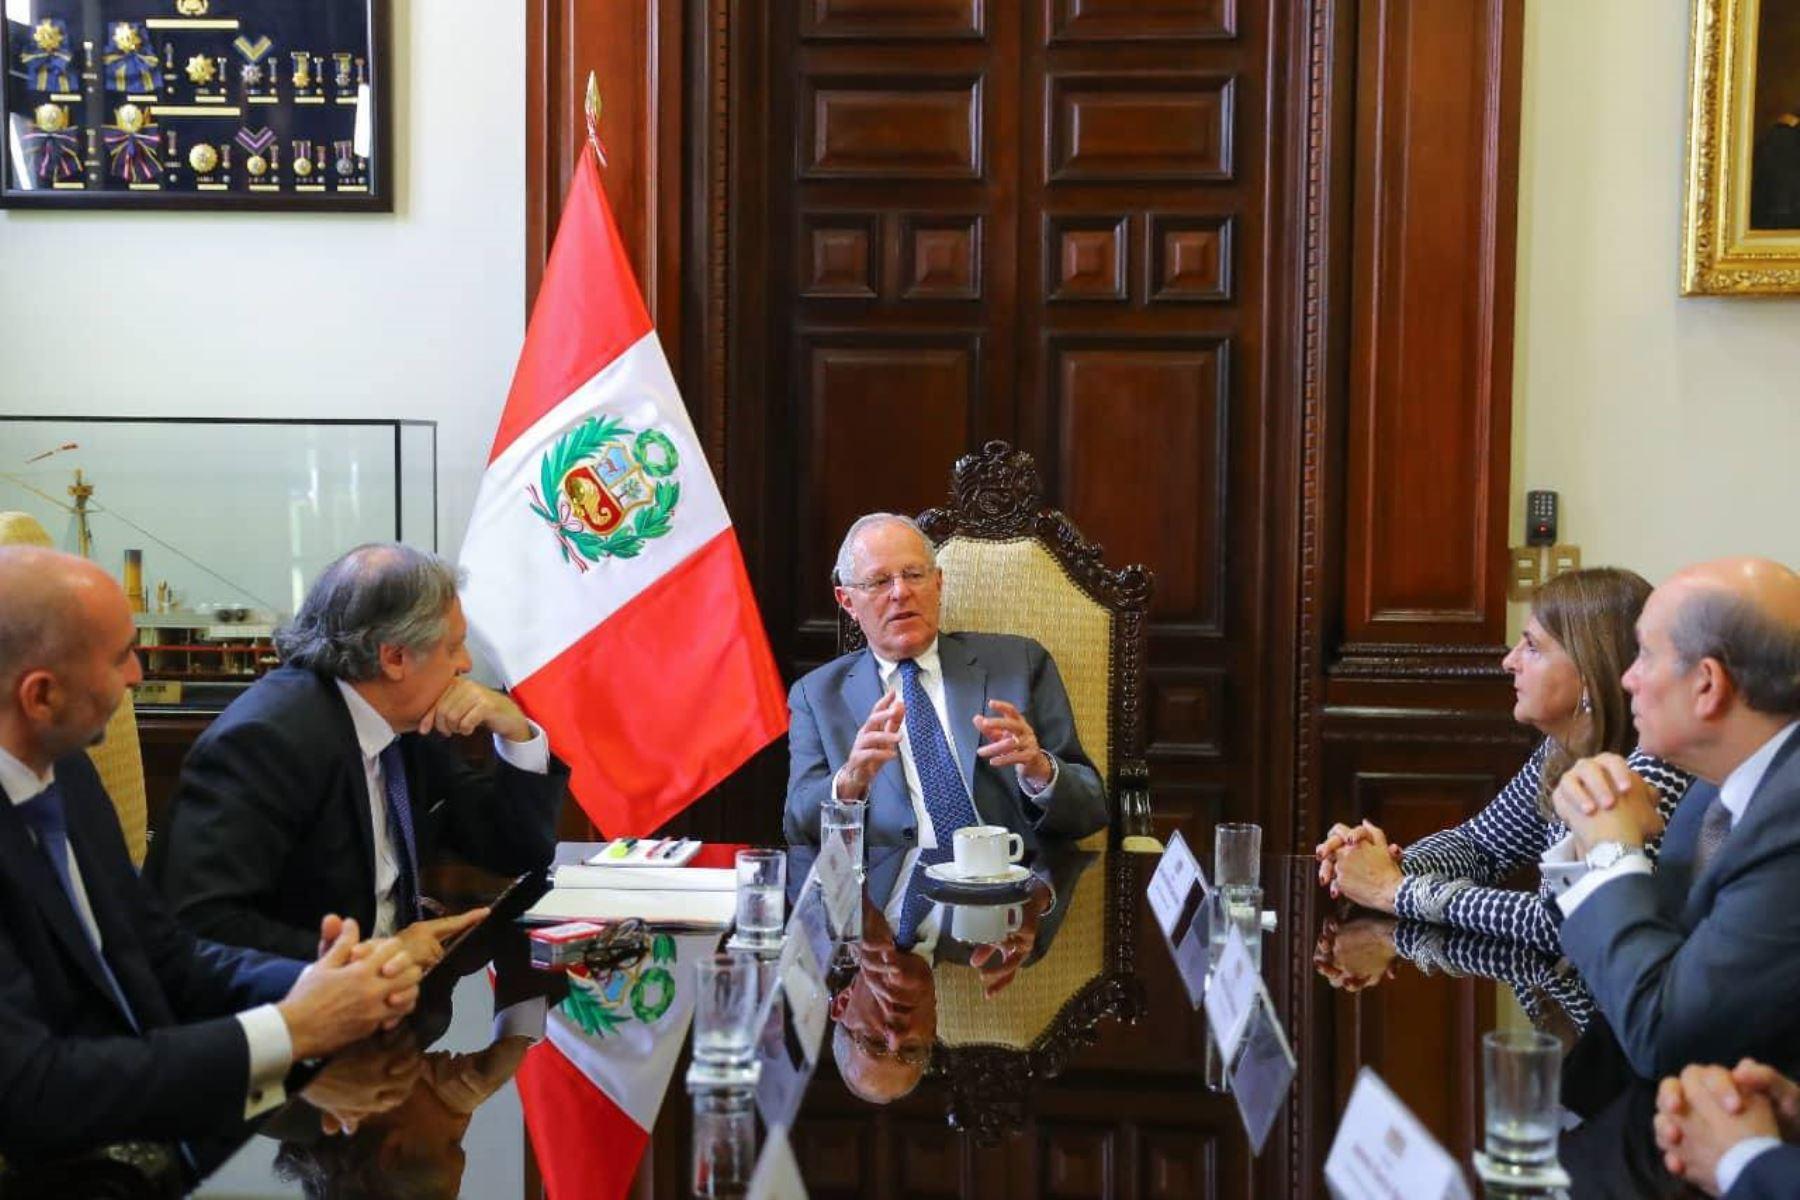 El Presidente Pedro Pablo Kuczynski, recibe al secretario general de la OEA, Luis Almagro en Palacio de Gobierno. Foto: ANDINA/ Prensa Presidencia